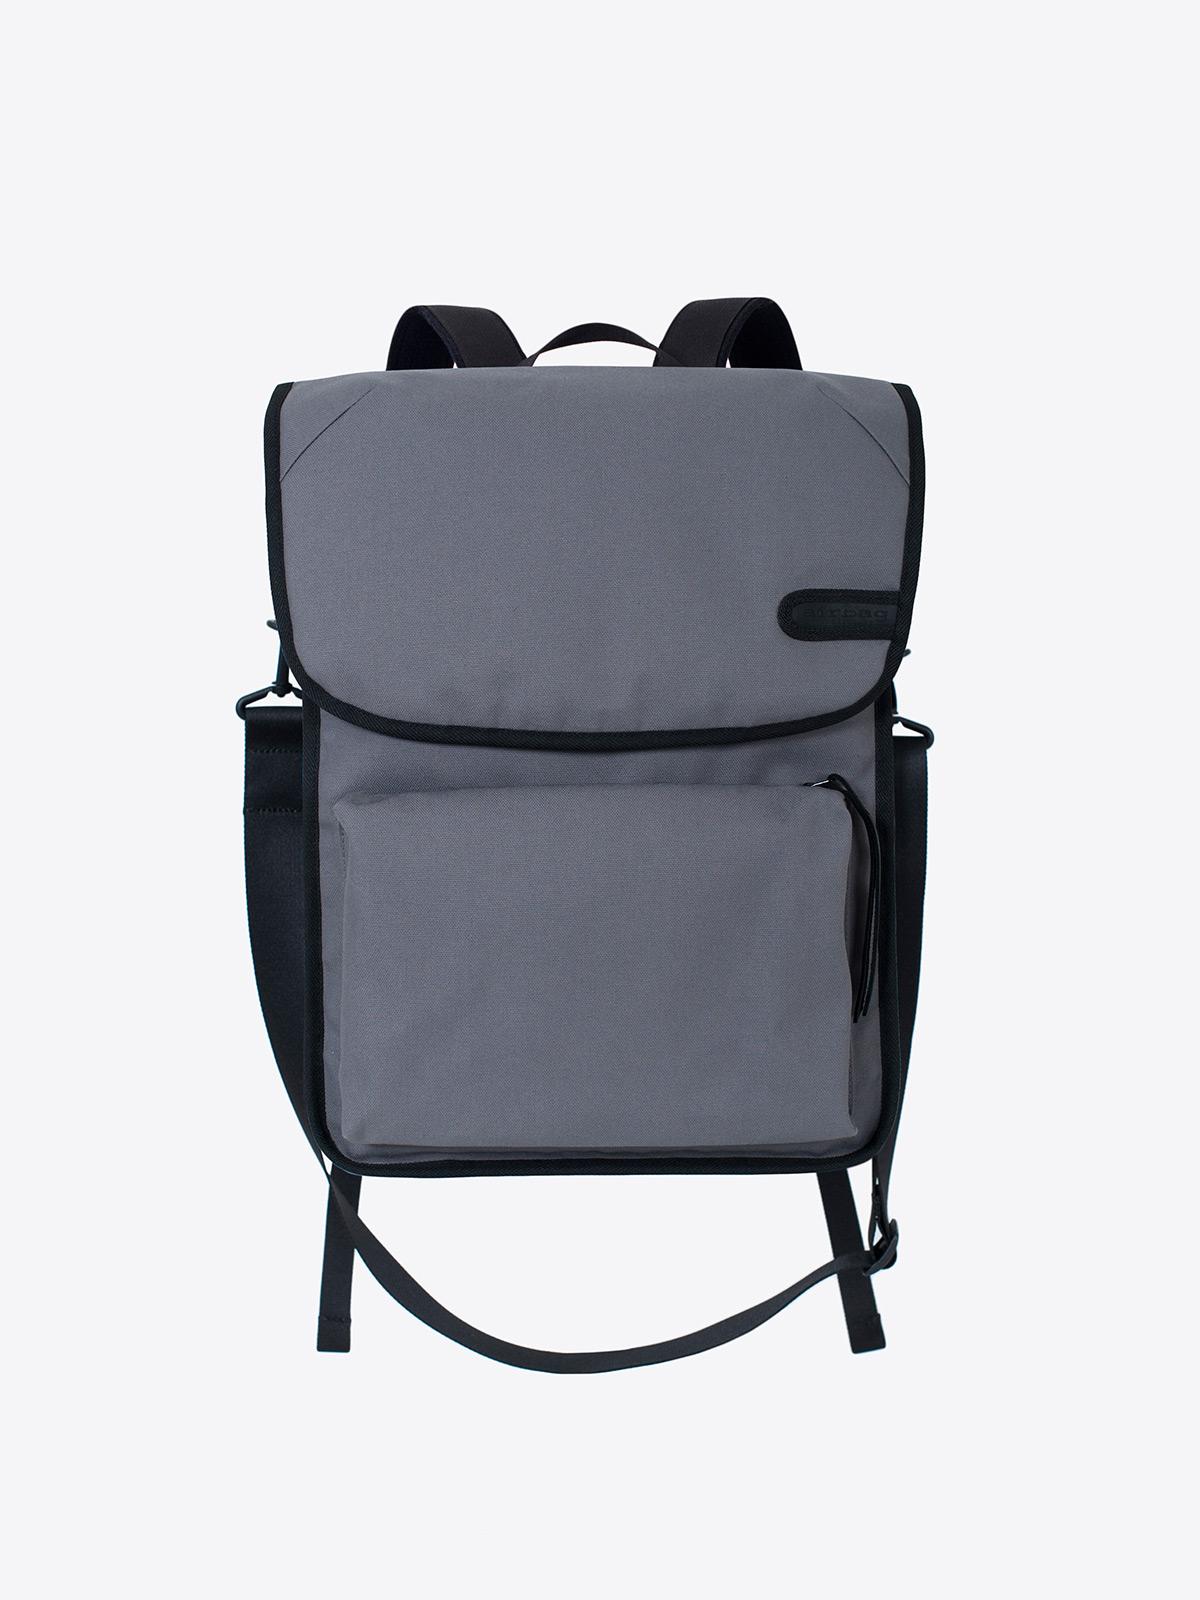 airbag craftworks cotton grey